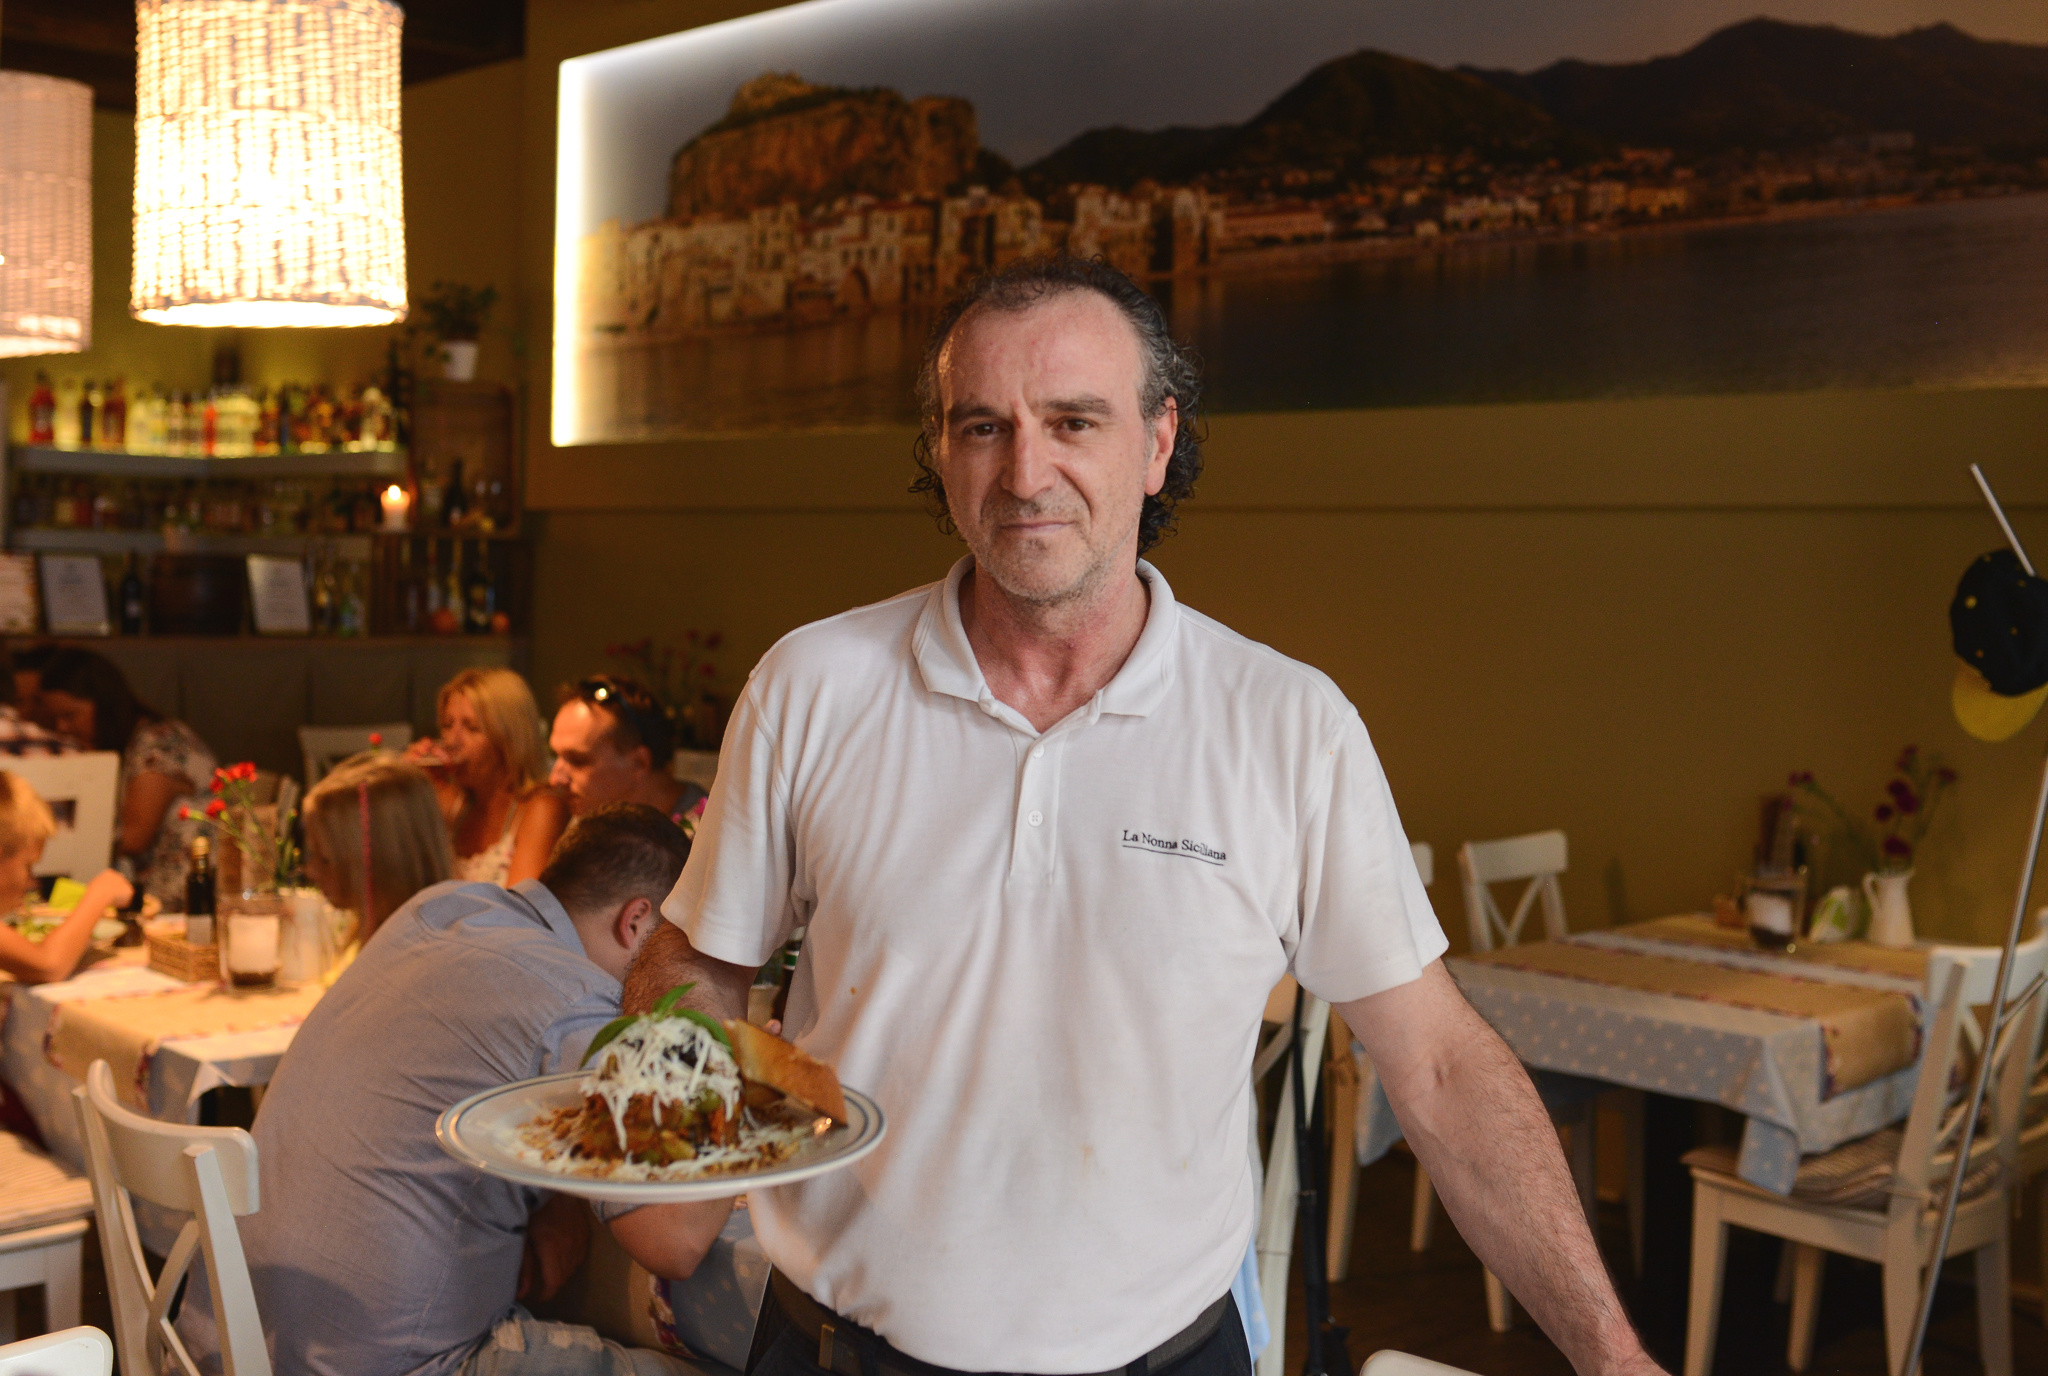 Cufo Vinarci szef kuchni La Nonna Siciliana